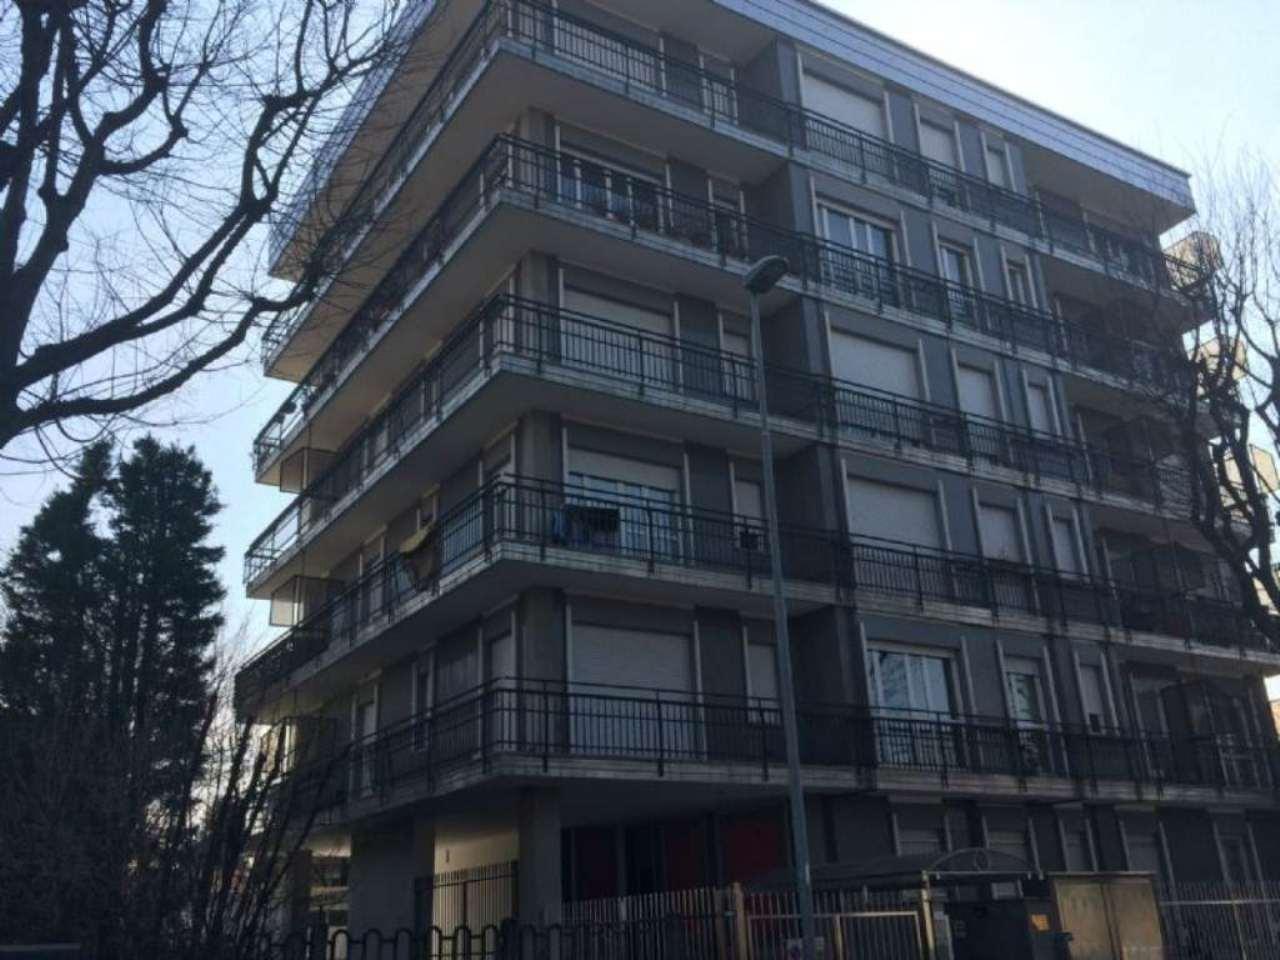 Attico / Mansarda in vendita a Rho, 5 locali, prezzo € 405.000 | Cambio Casa.it